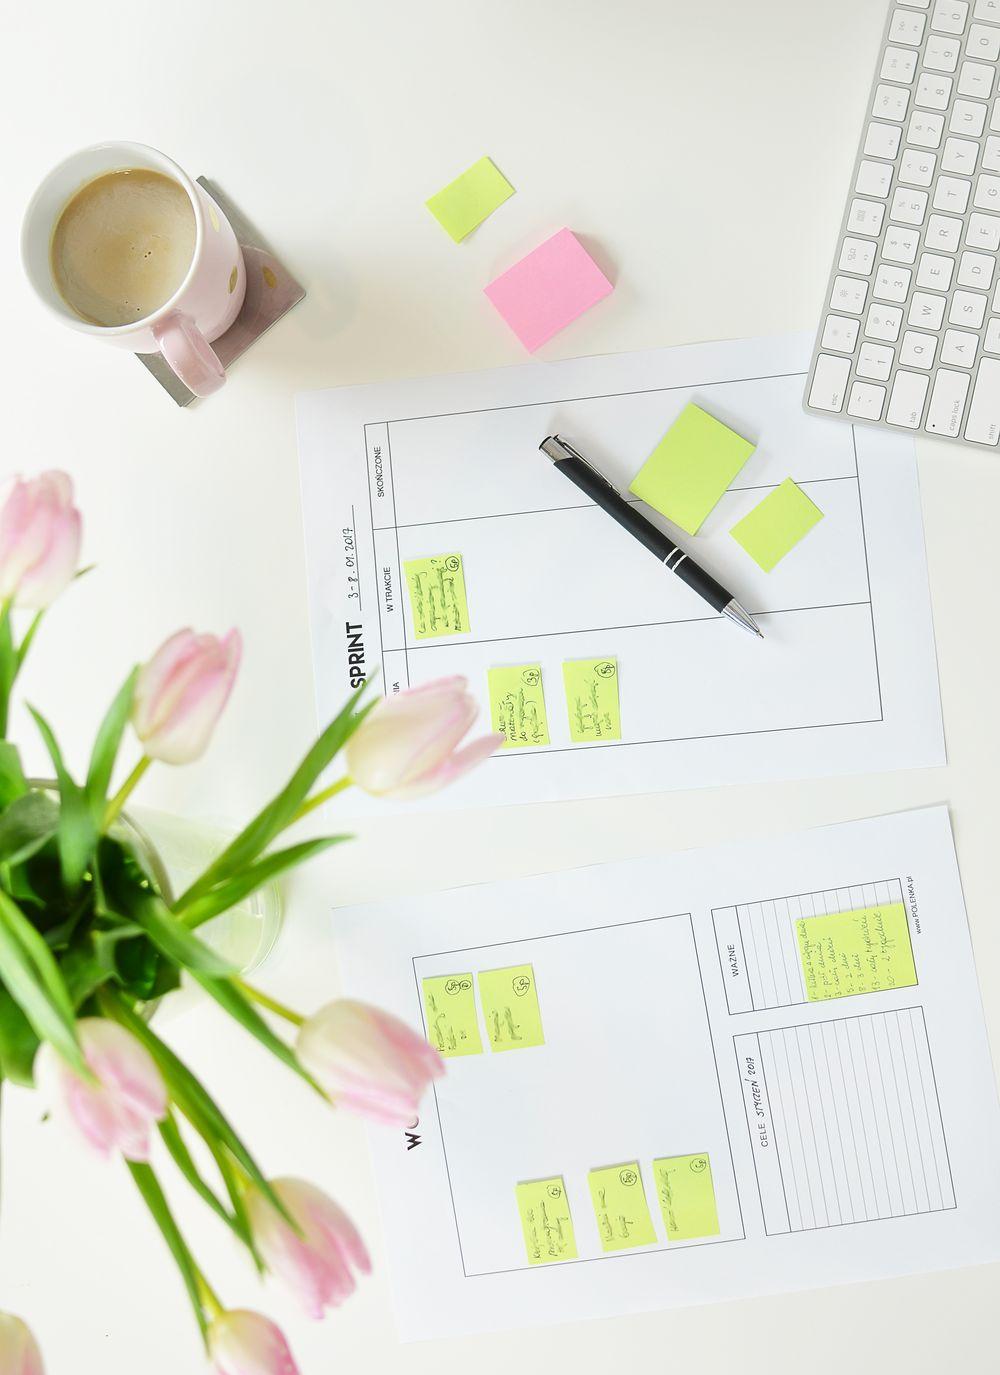 Co zrobić kiedy organizery nie pomagają? Elastyczny sposób zarządzania pracą | Polenka.pl